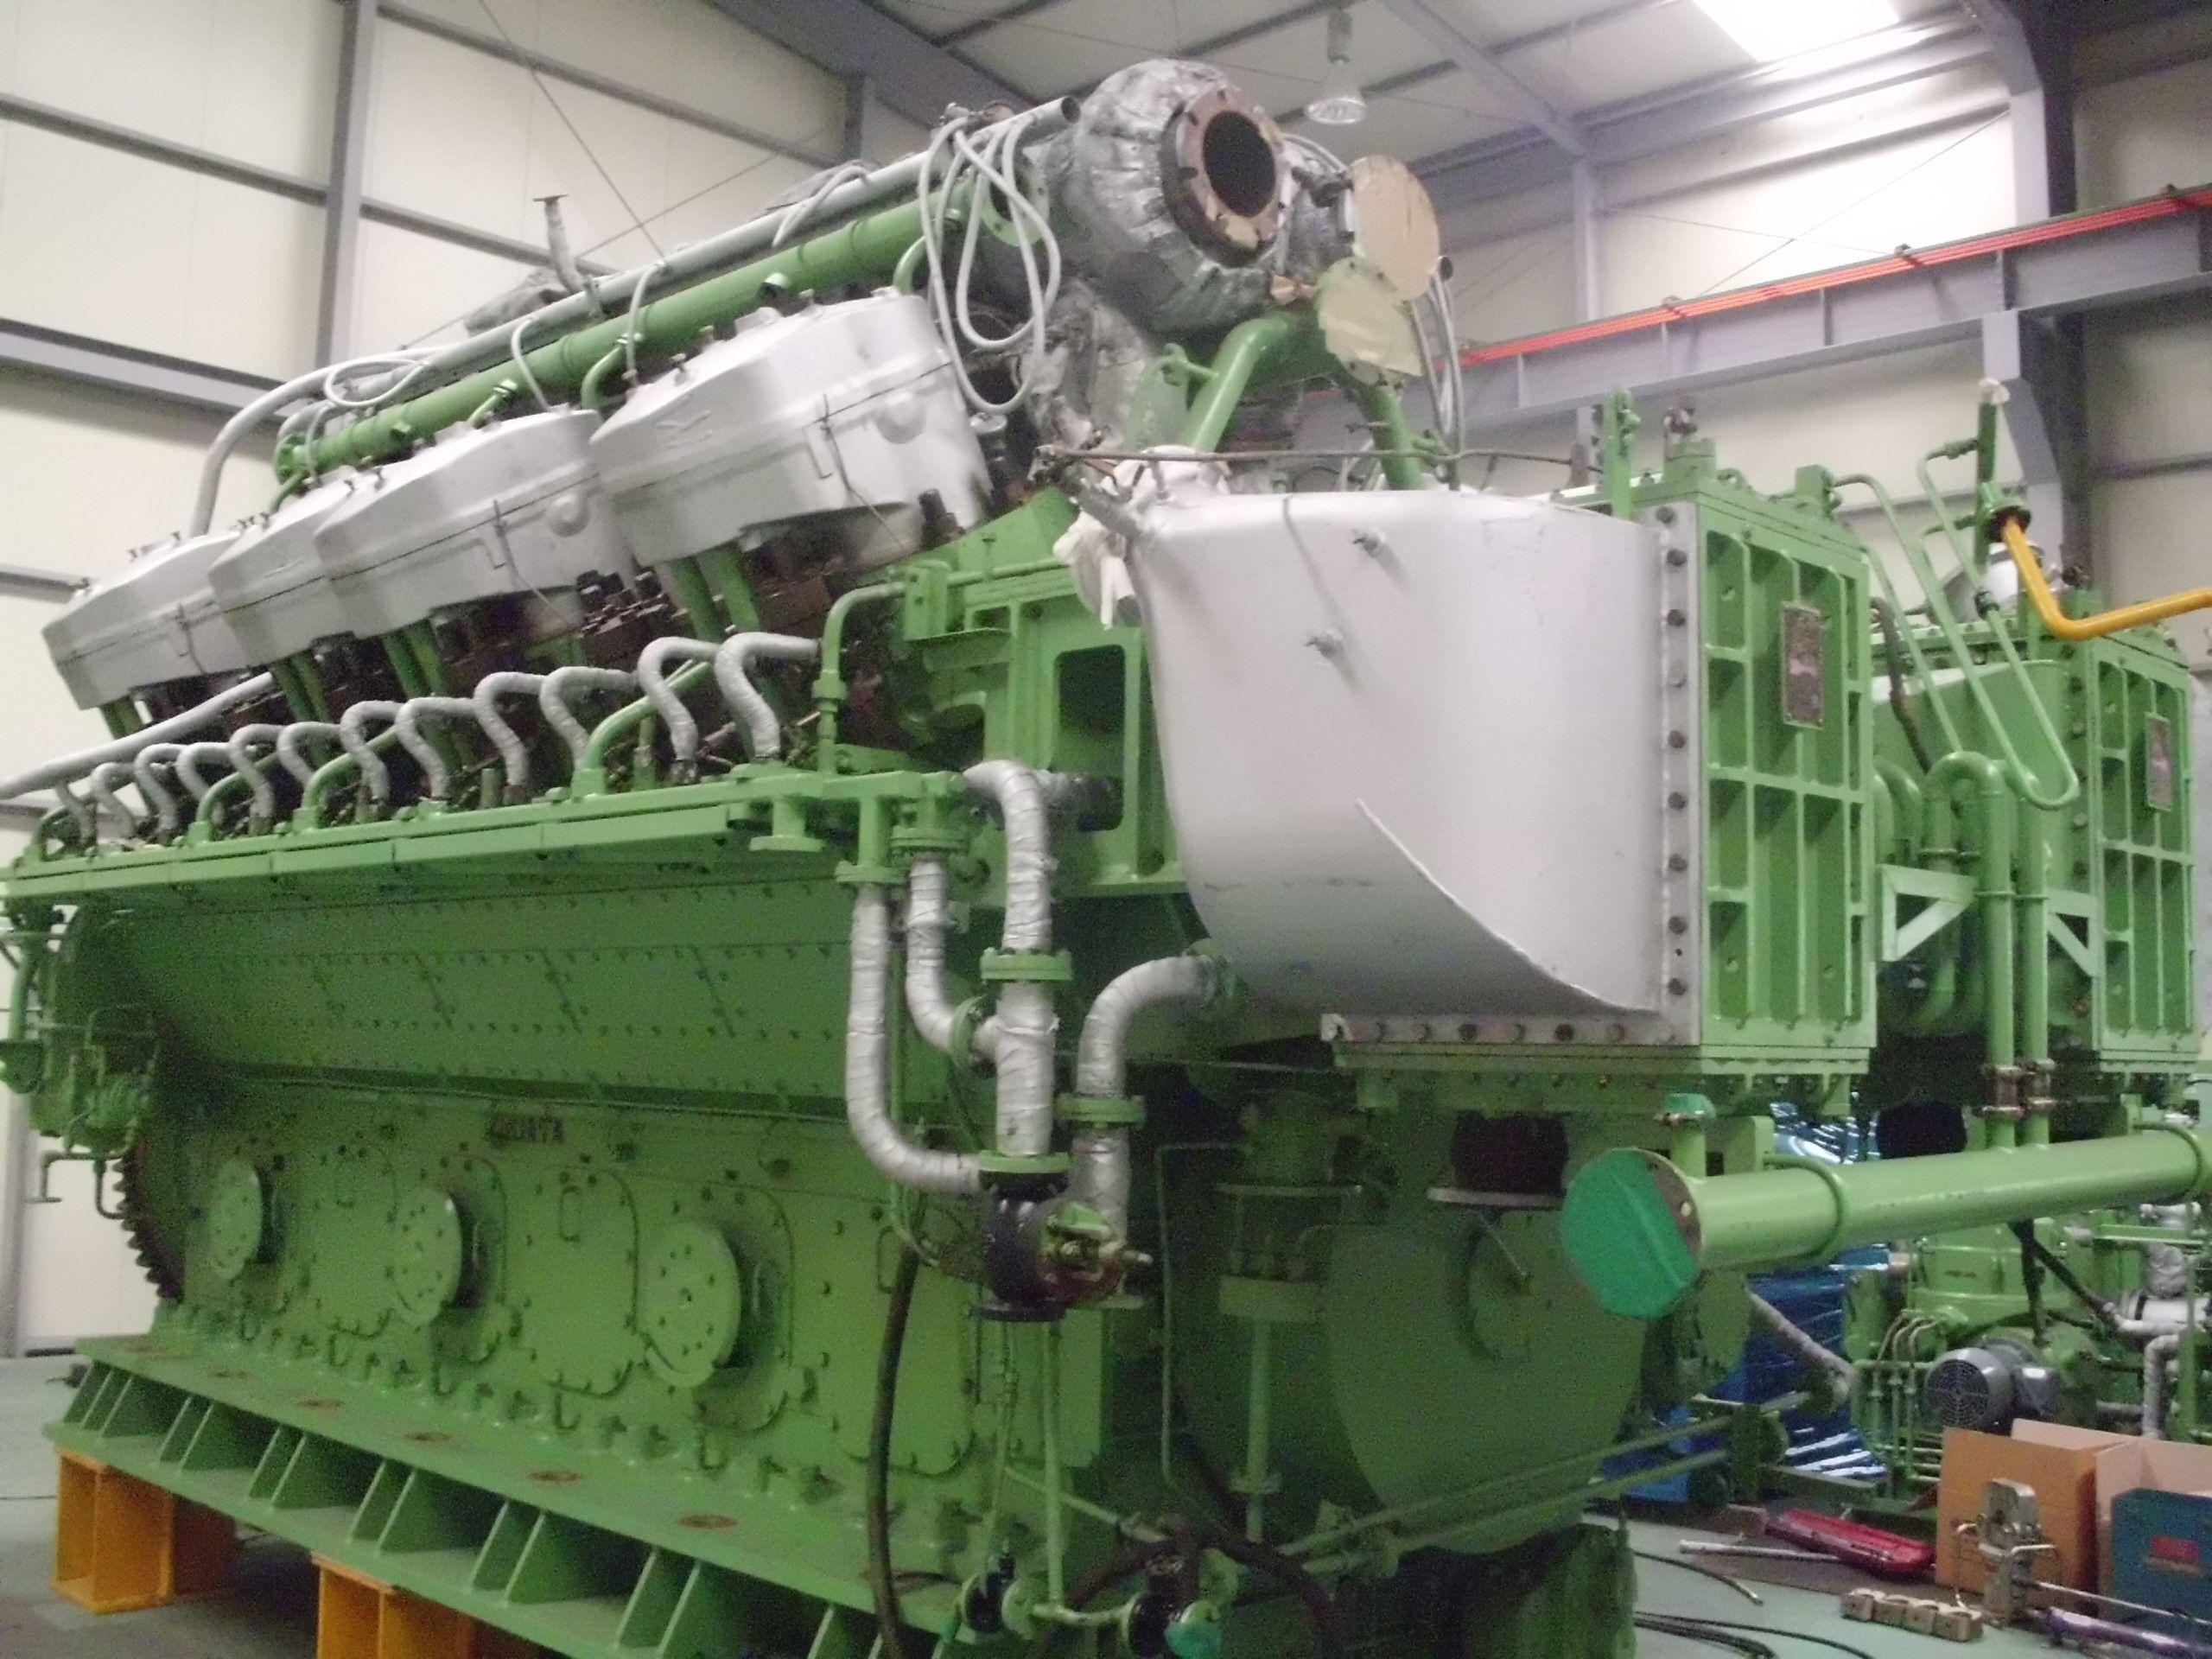 Картинки по запросу turbine generator Power Plant